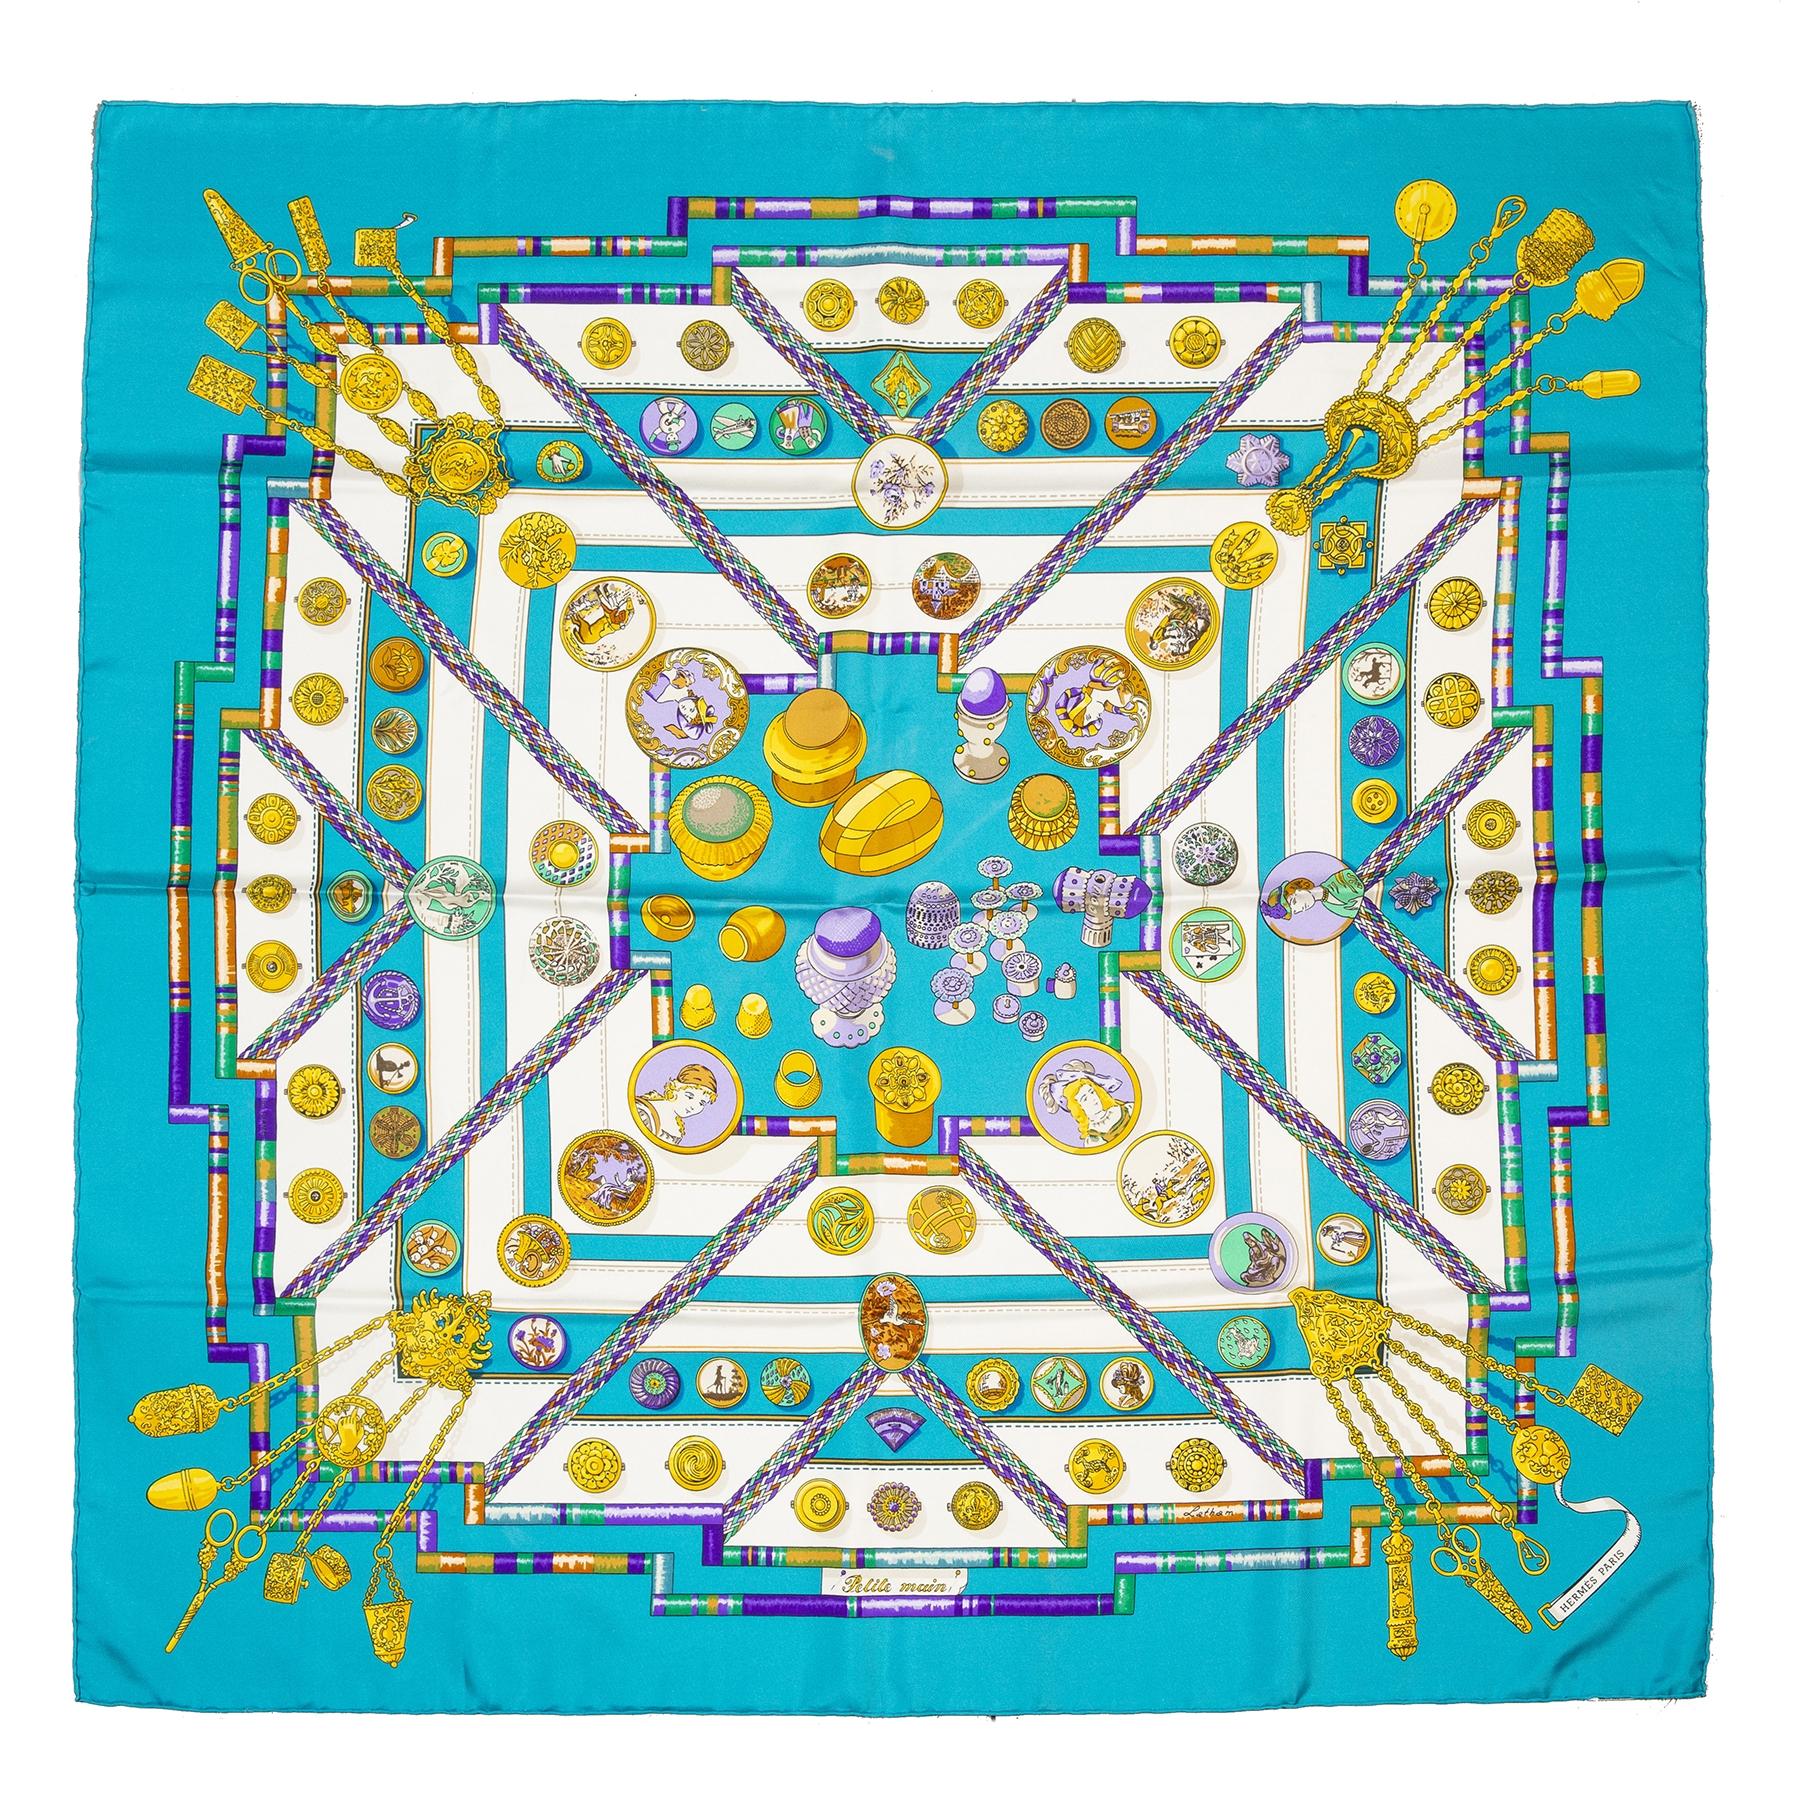 Authentieke tweedehands Hermès turquoise gold chains silk scarf juiste prijs veilig online winkelen LabelLOV webshop luxe merken winkelen Antwerpen België mode fashion